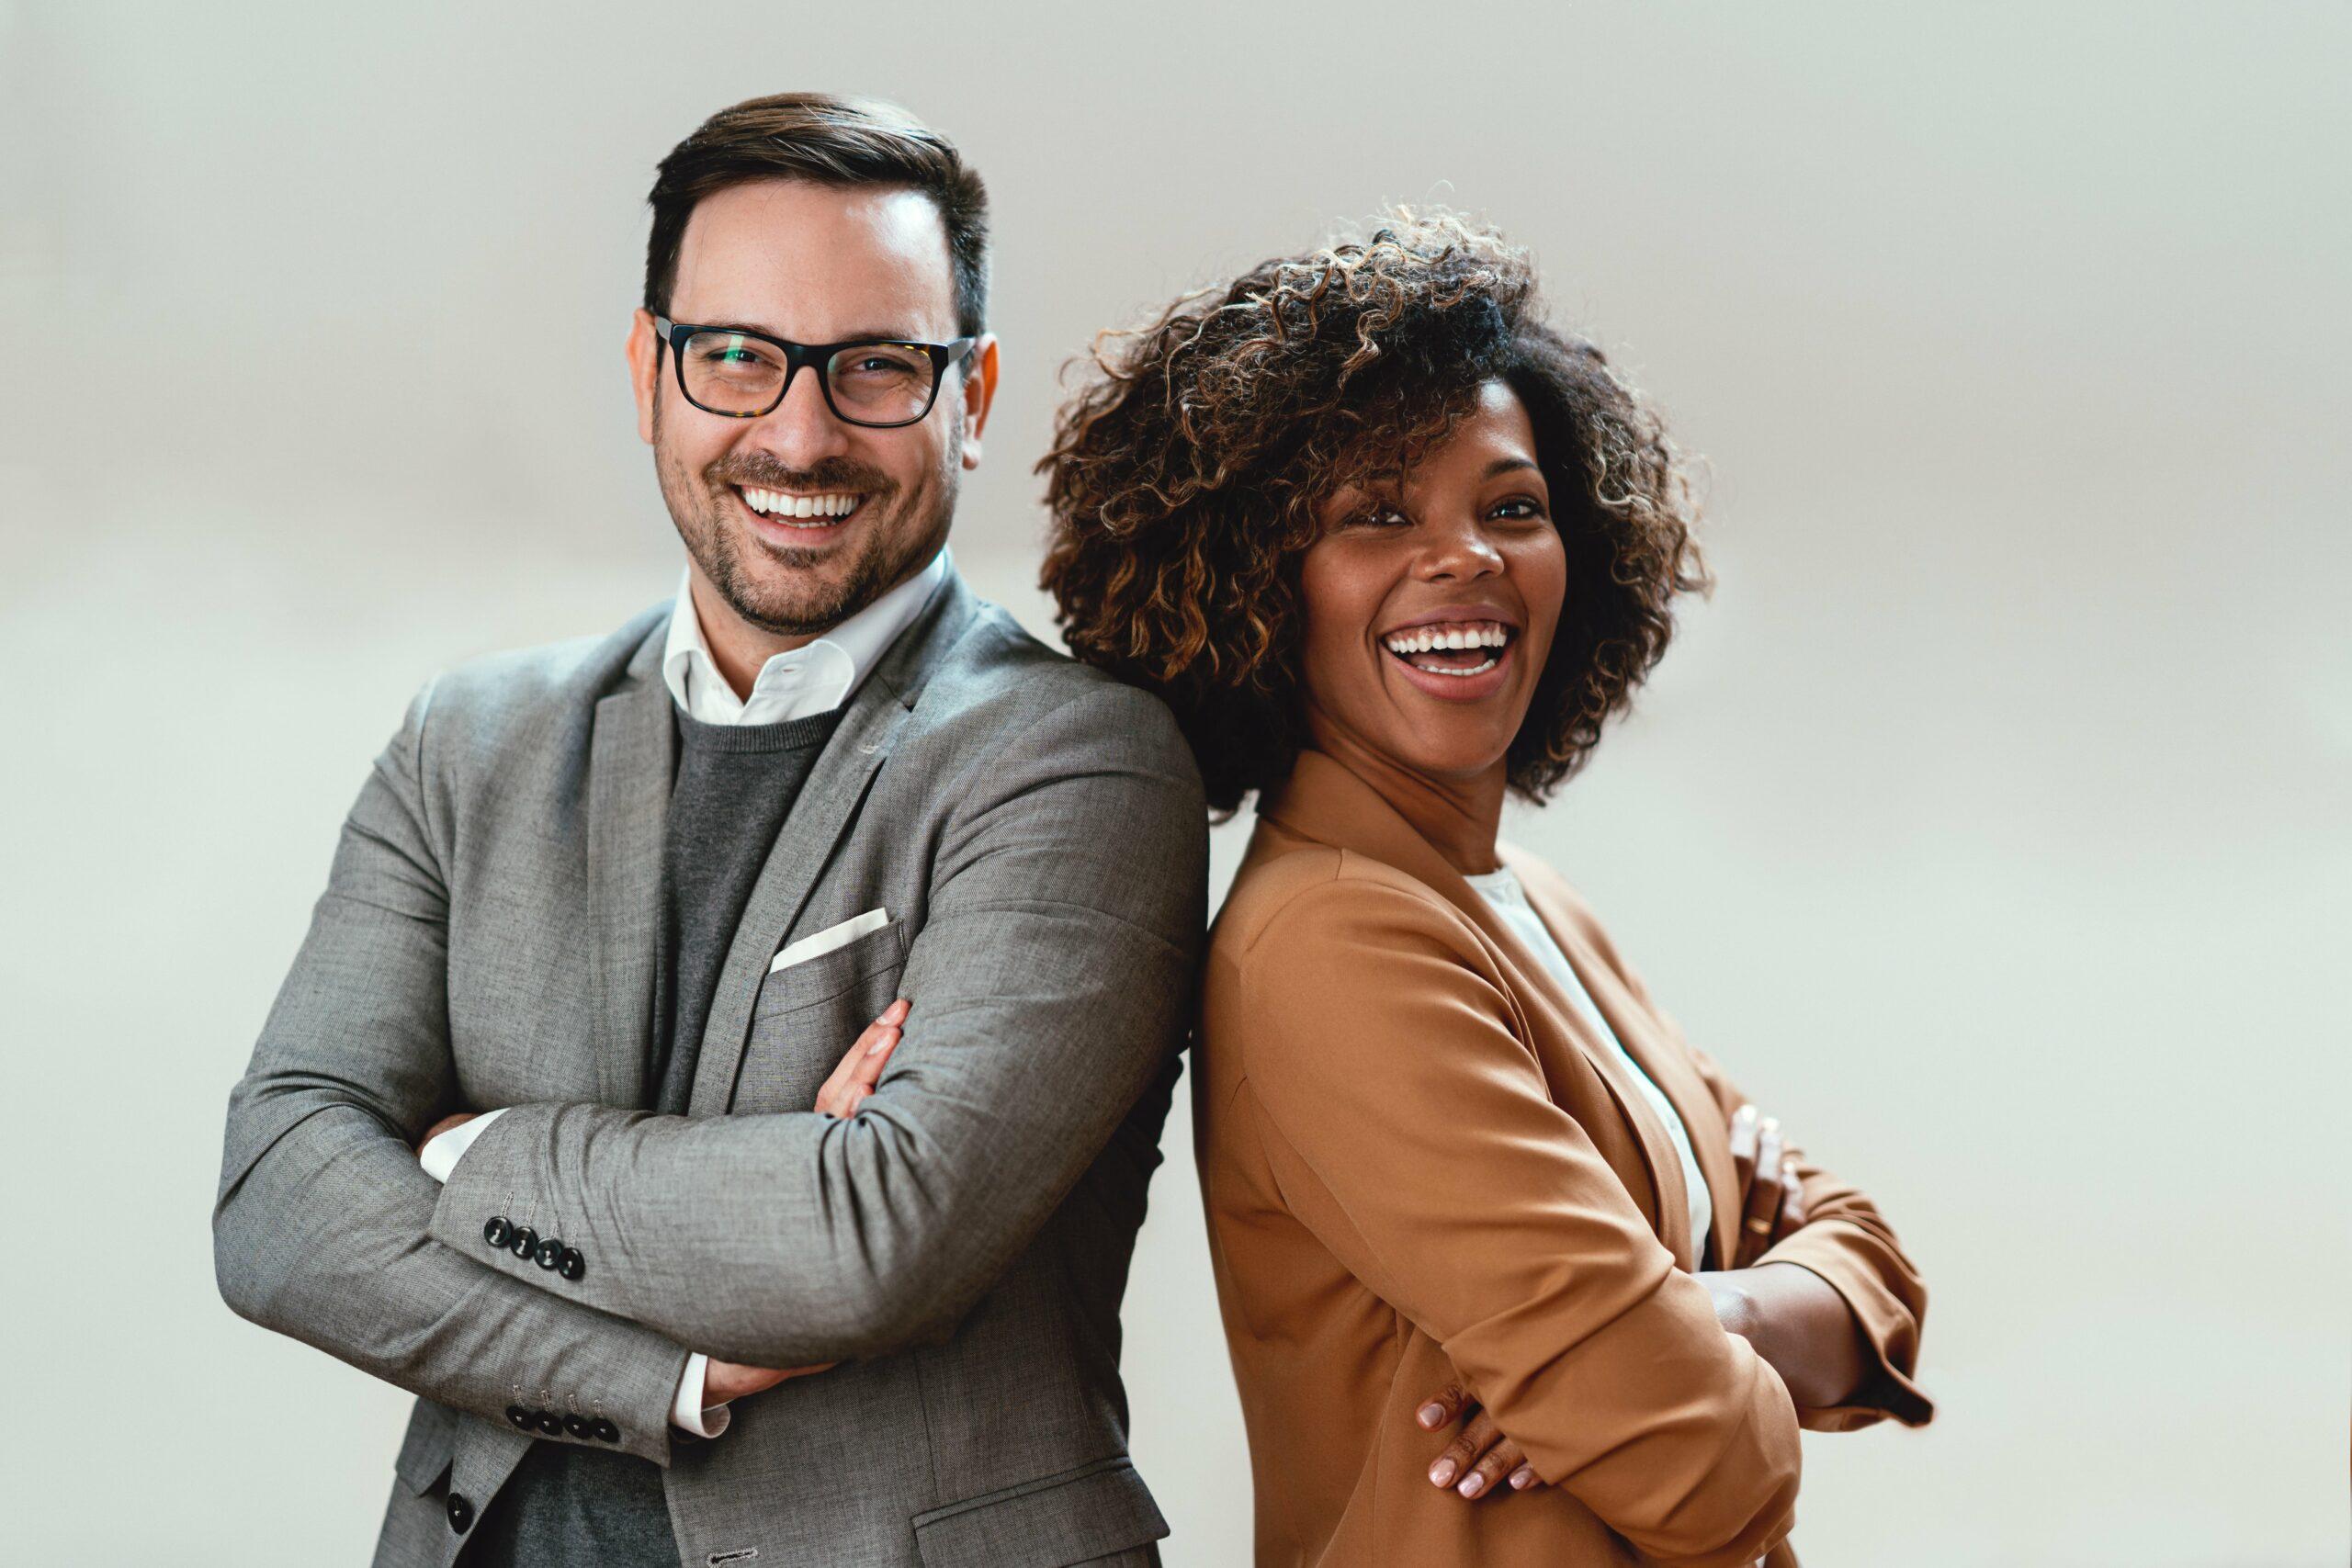 B2B-Vertrieb: Vertrauen aufbauen, Kunden gewinnen und Umsatz steigern